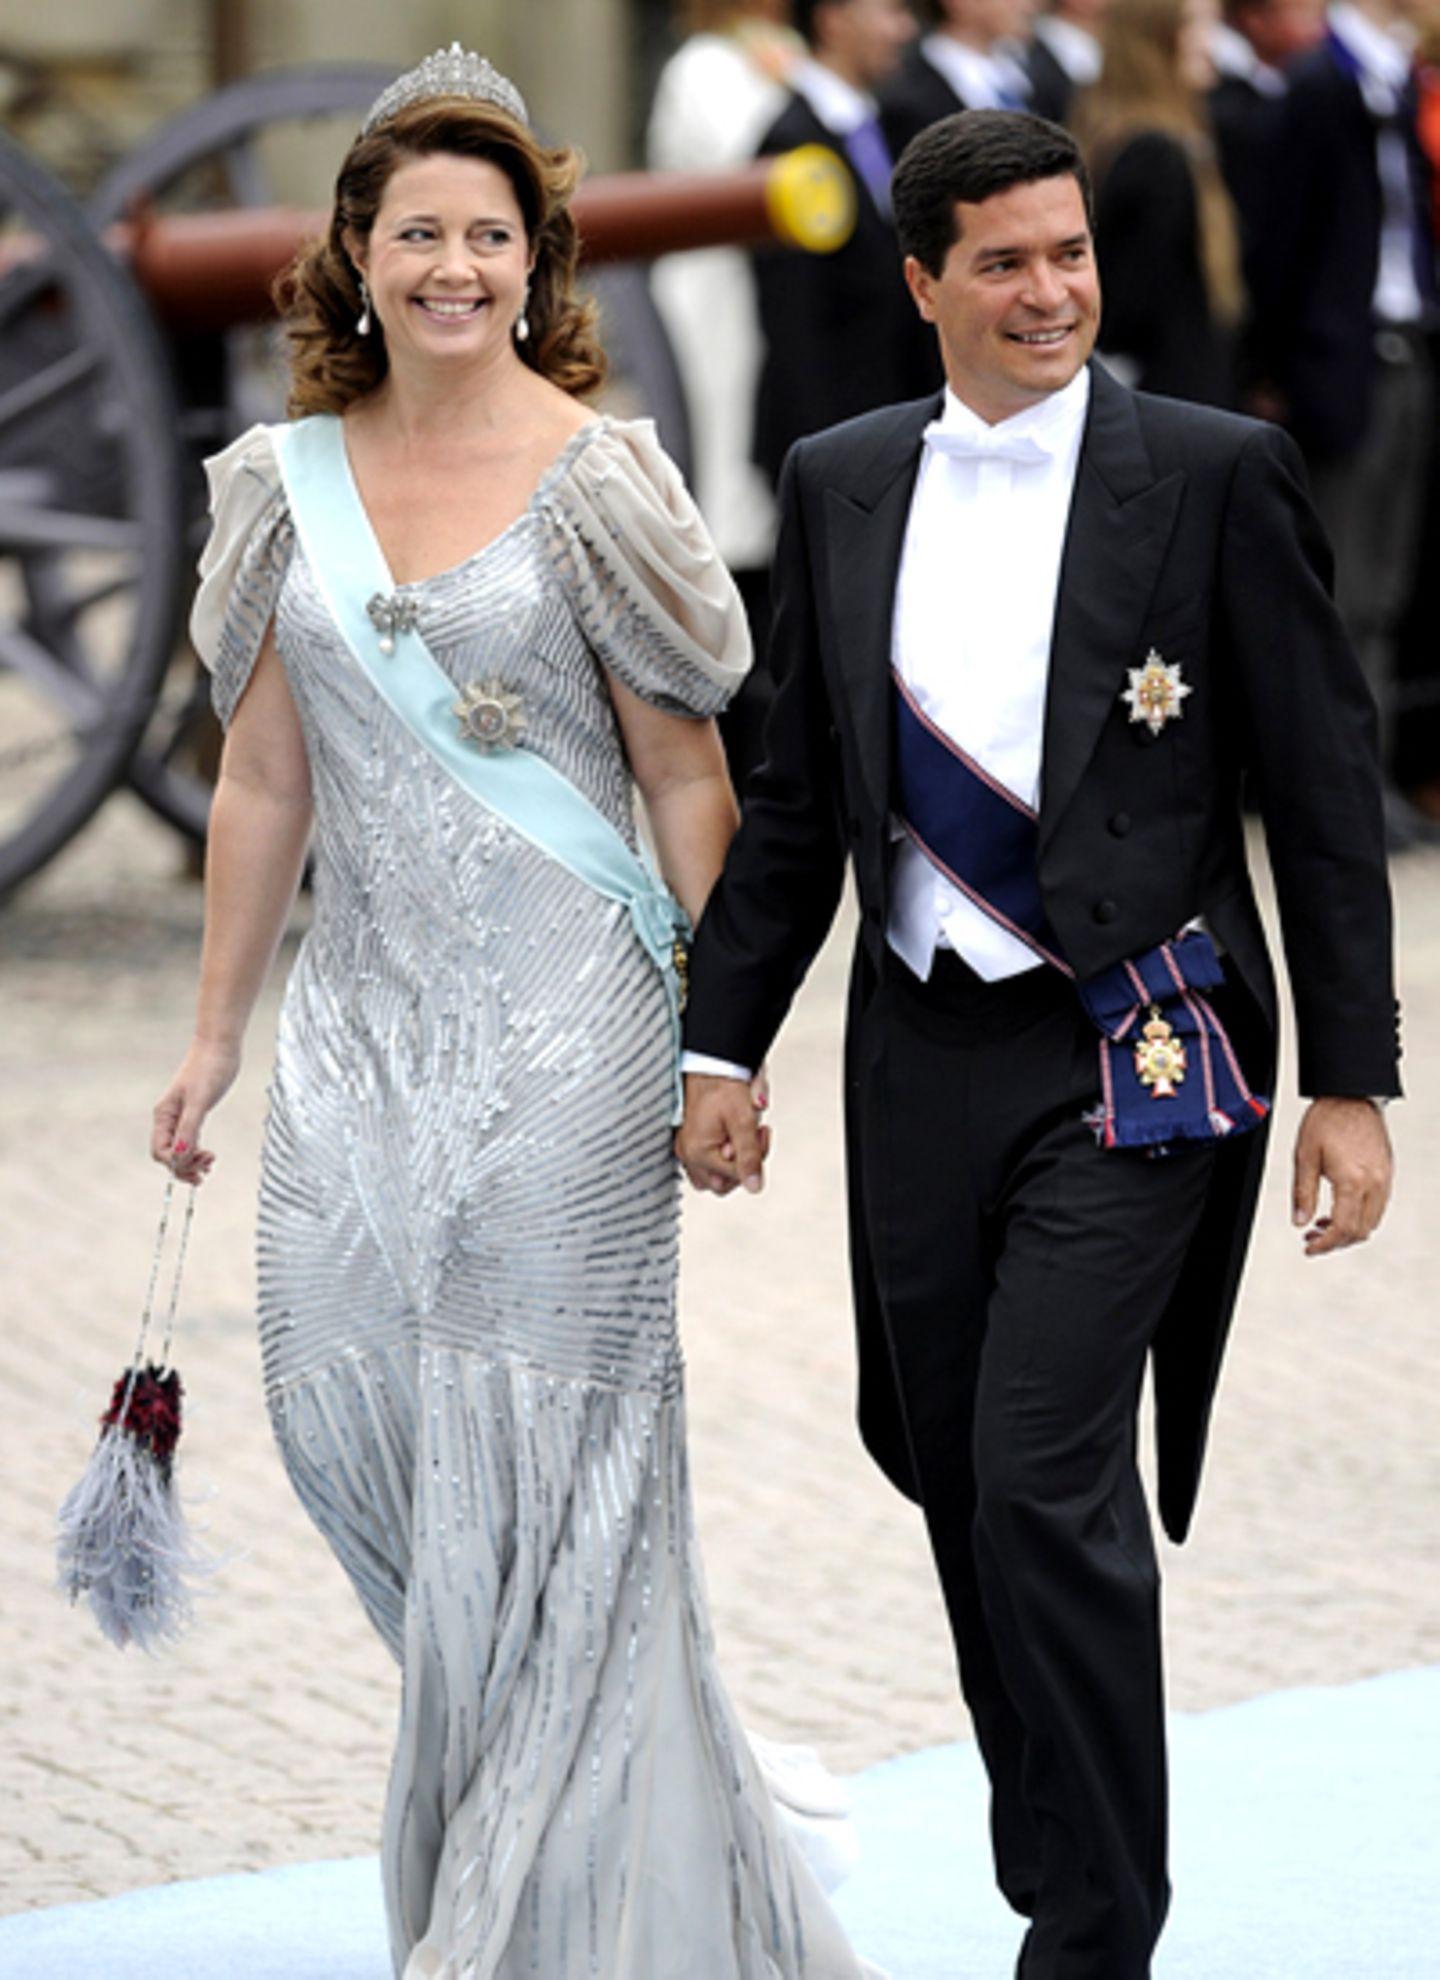 Prinzessin Alexia von Griechenland erscheint Hand in Hand mit ihrem Ehemann Carlos Morales Quintana.